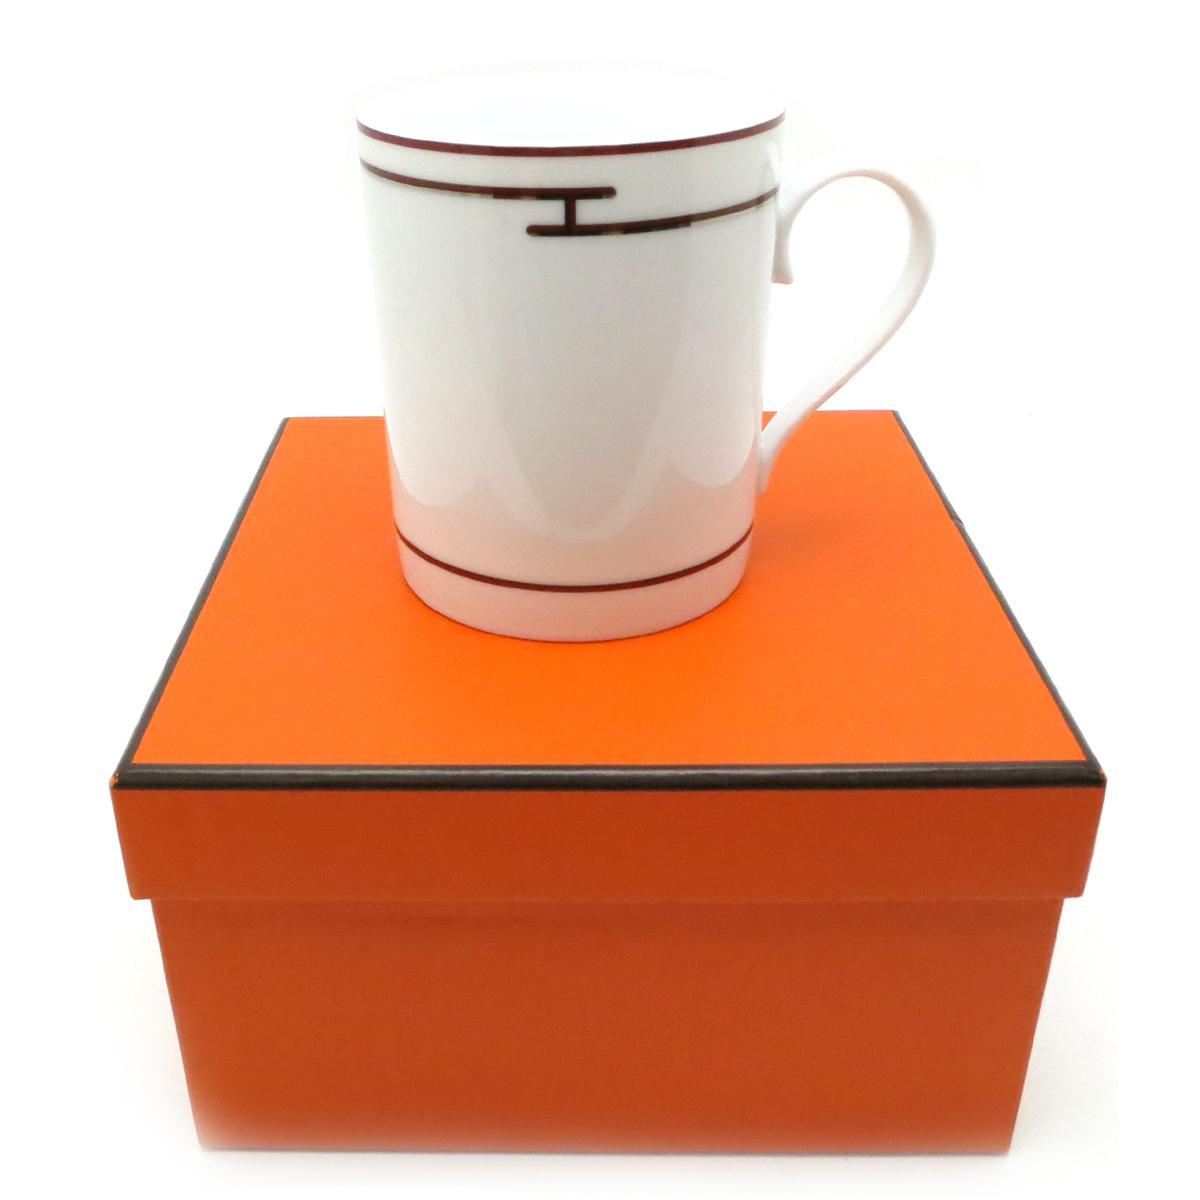 [飯能本店] HERMES エルメス リズムマグカップ マグカップ ホワイト ユニセックス DH49265【大黒屋質店出品】 【中古】【送料無料】【店頭受取対応商品】